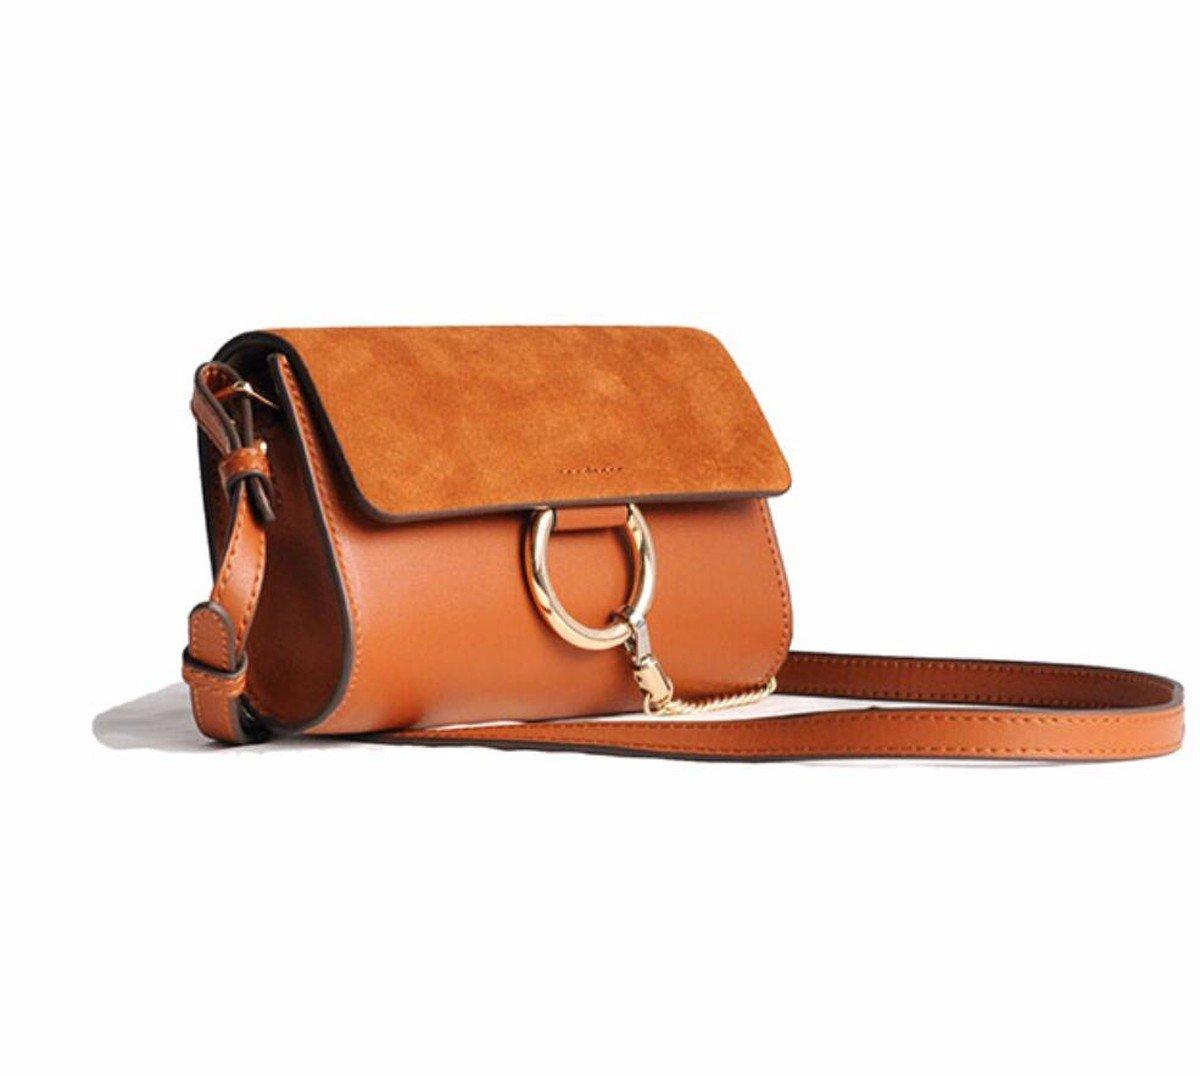 GTVERNH-der Frauen/Mode Handtasche/All-Match/ranzen Mode Joker Kette Tasche Ring Mini - Frauen - Tasche.